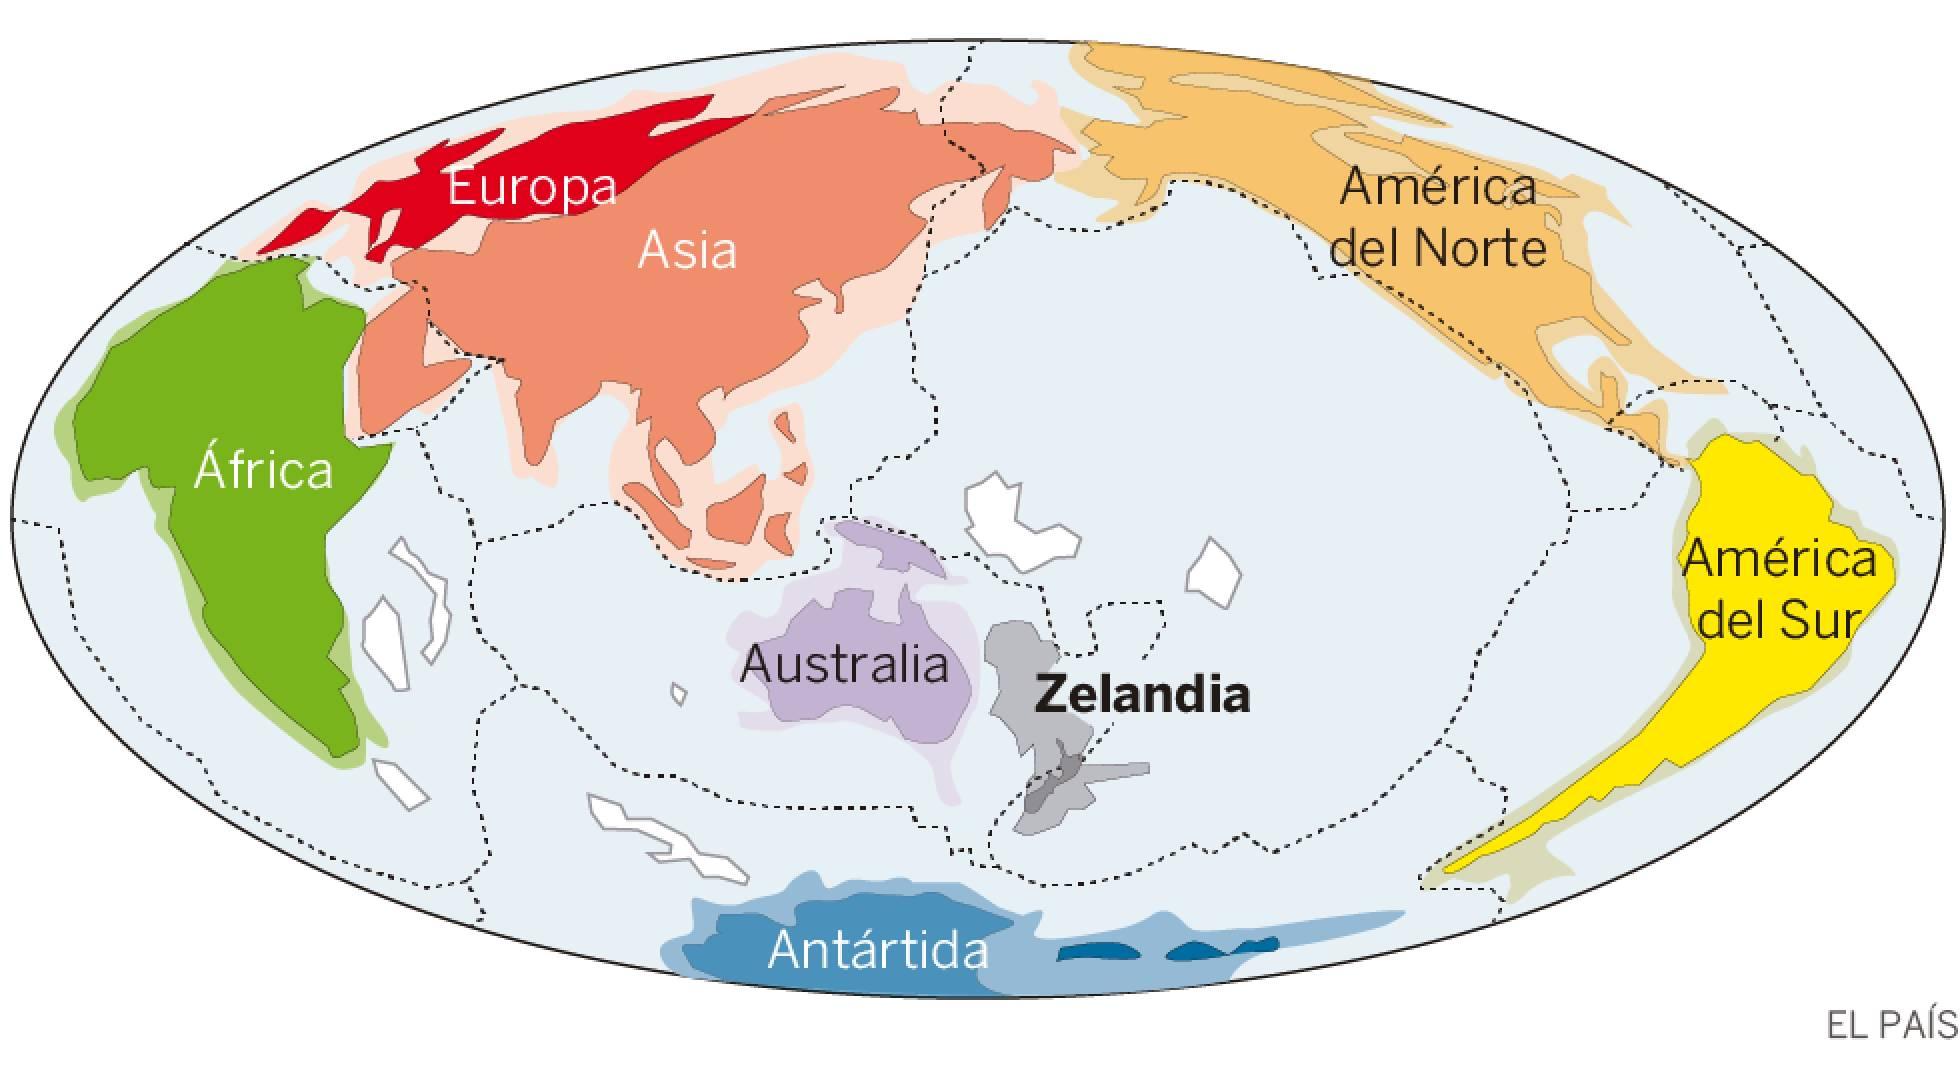 Resurge Zelandia, un enorme continente sumergido en el Pacífico